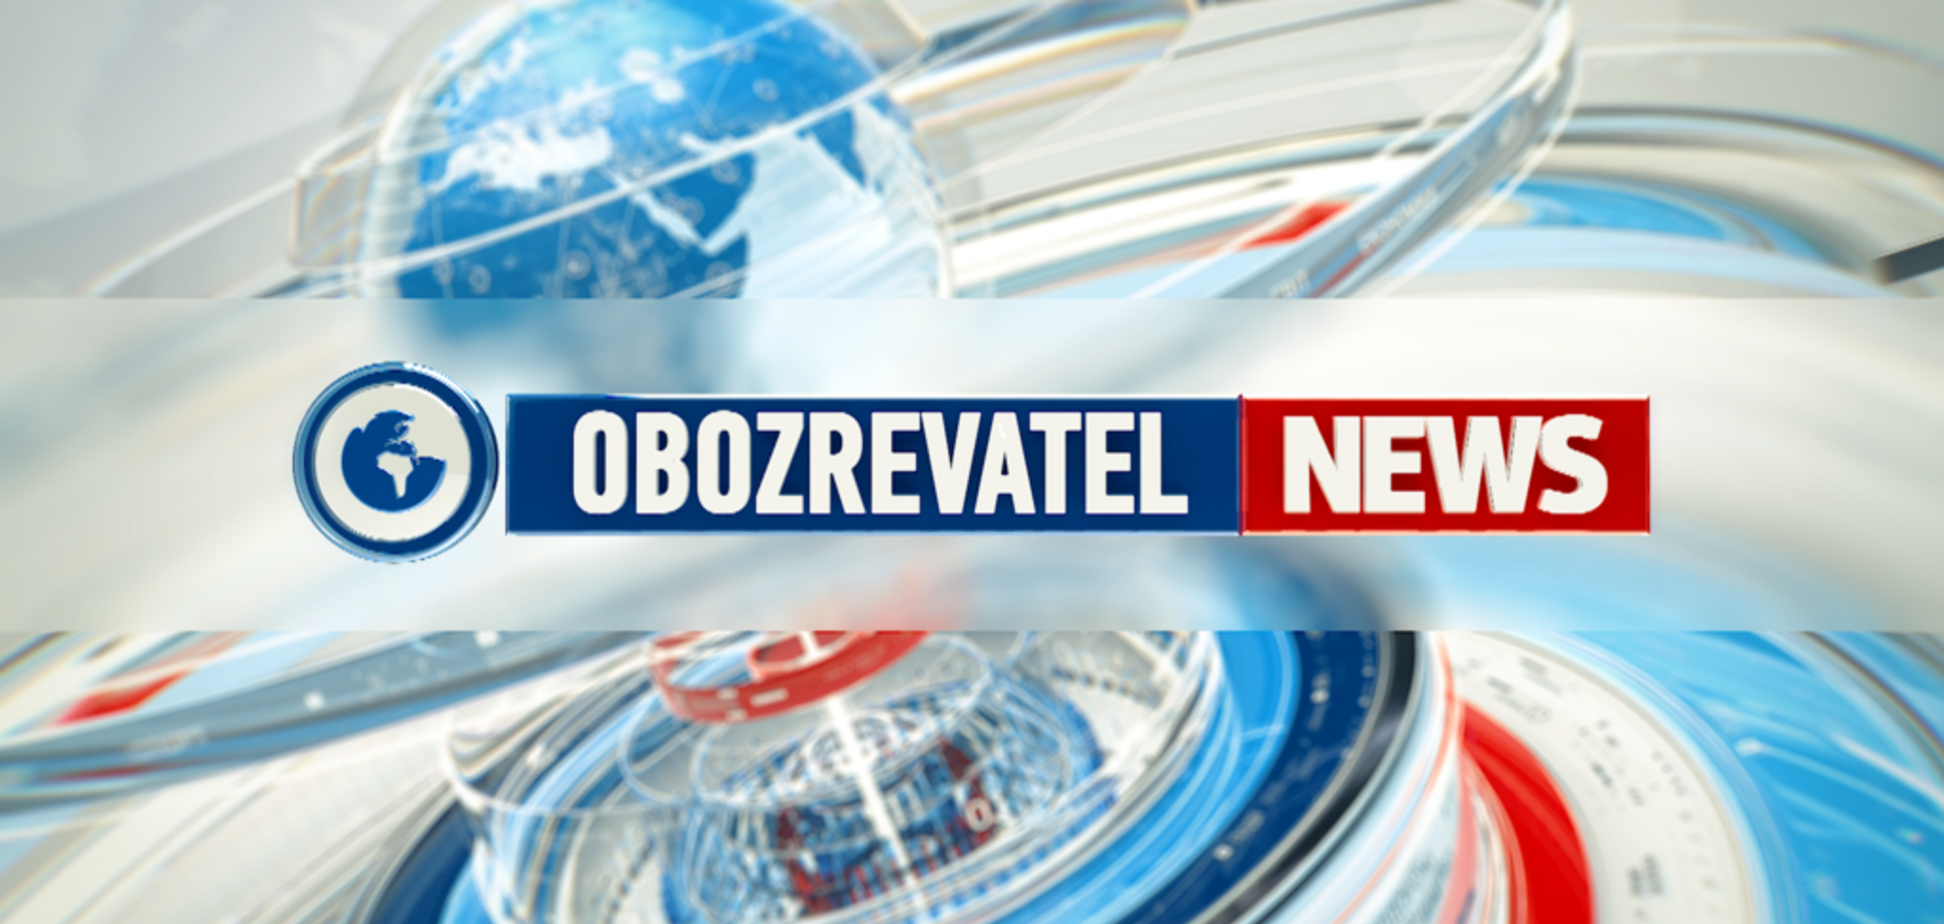 Гуманитарная помощь для жителей оккупированного Донбасса: Obozrevatel News